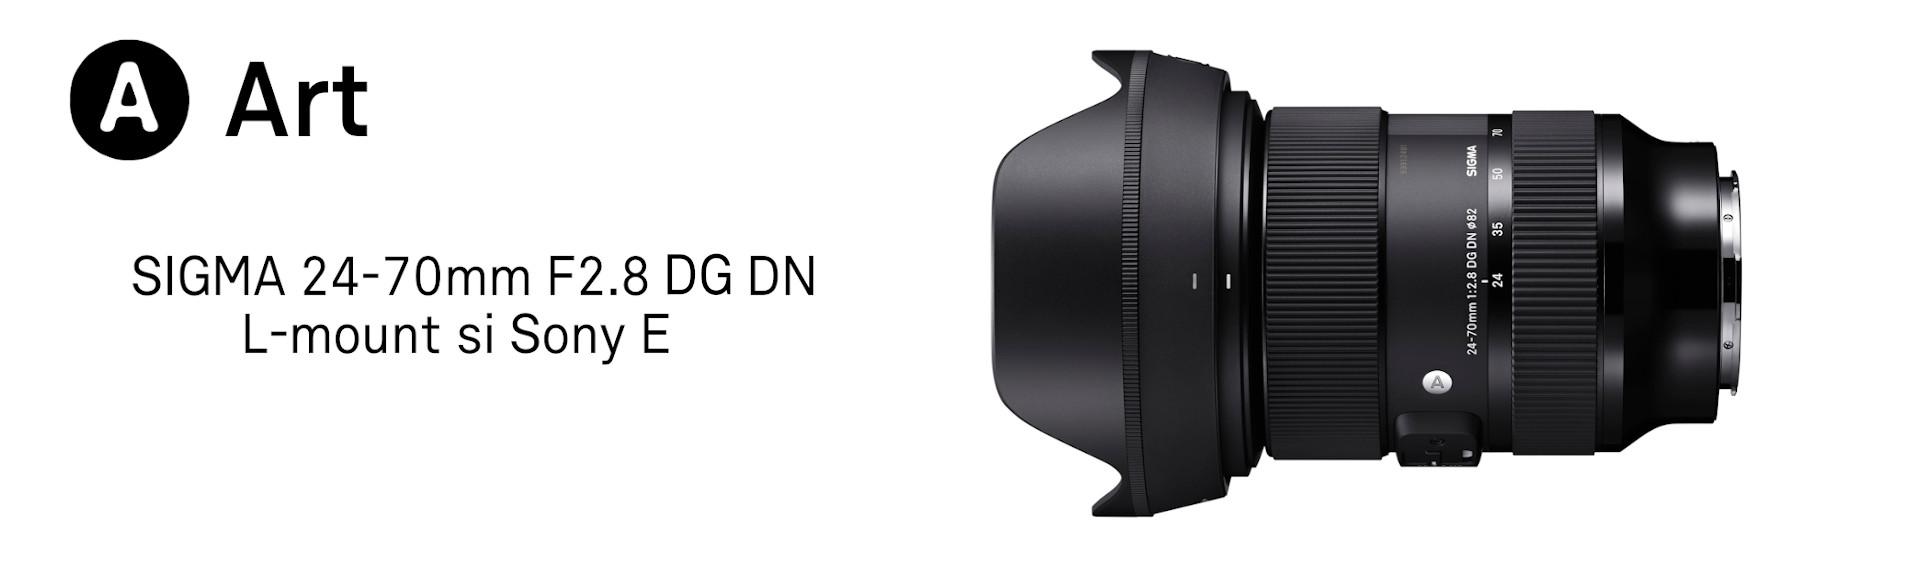 Sigma 24-70 F2.8 Sony E si L-Mount